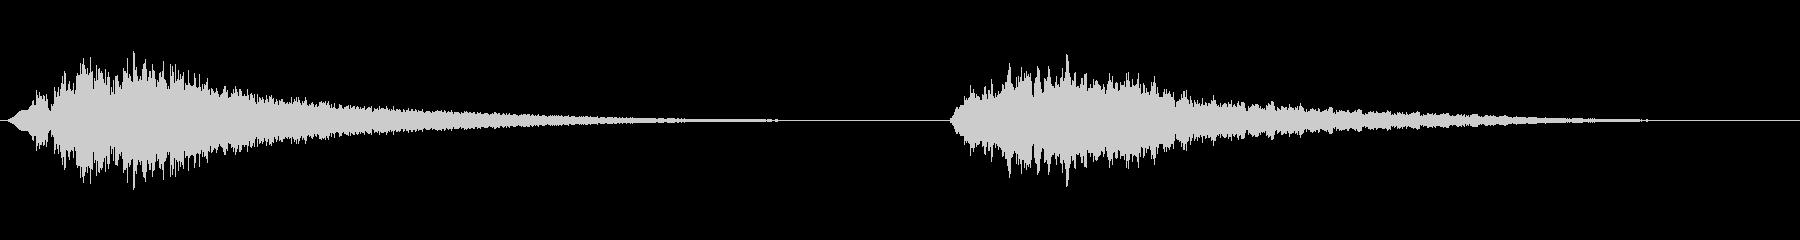 スペーススイープ-up_downの未再生の波形